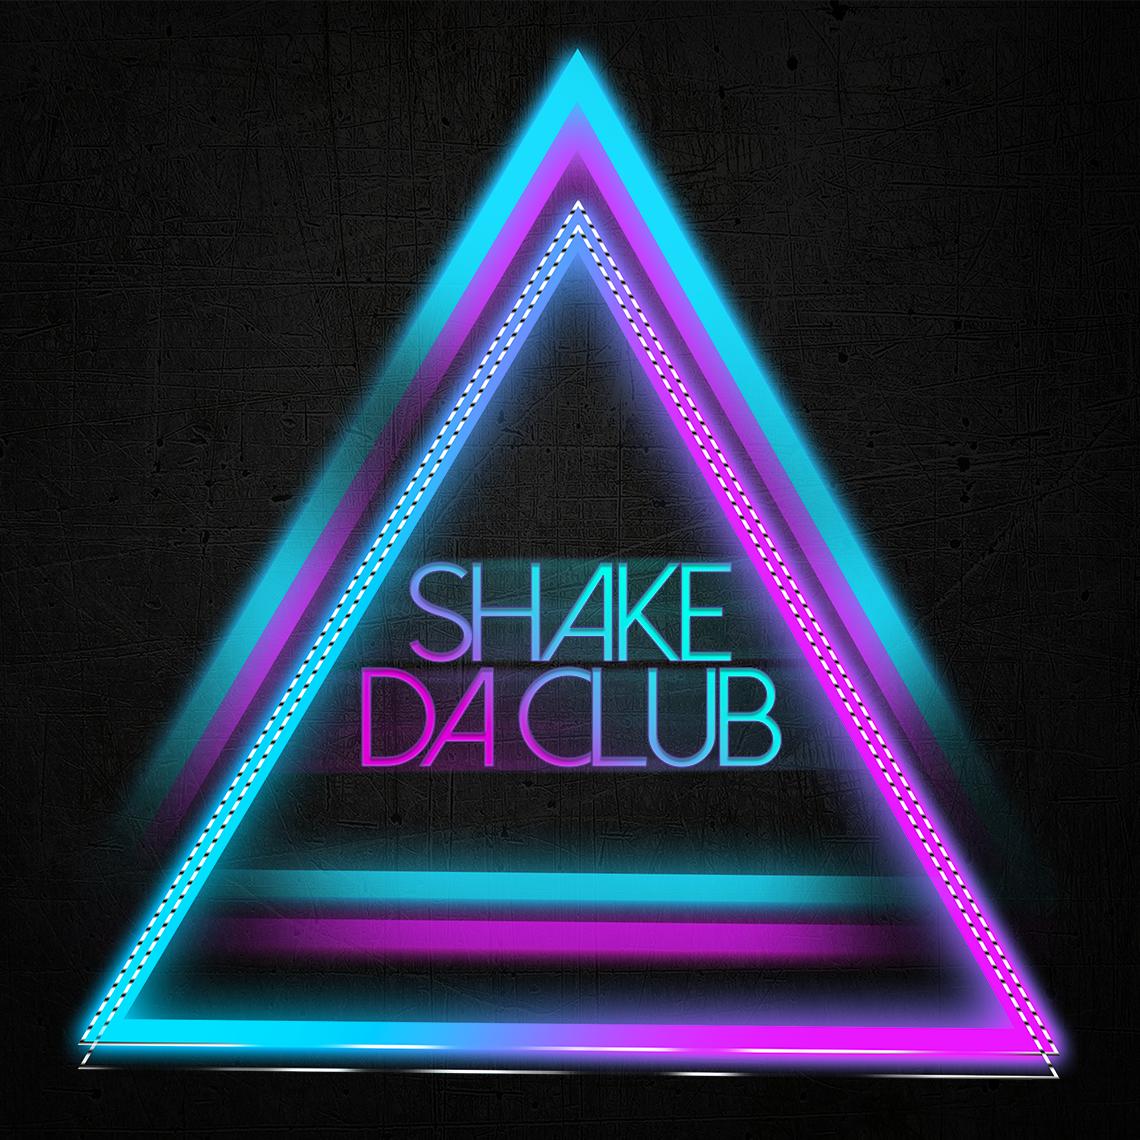 Shake DA Club